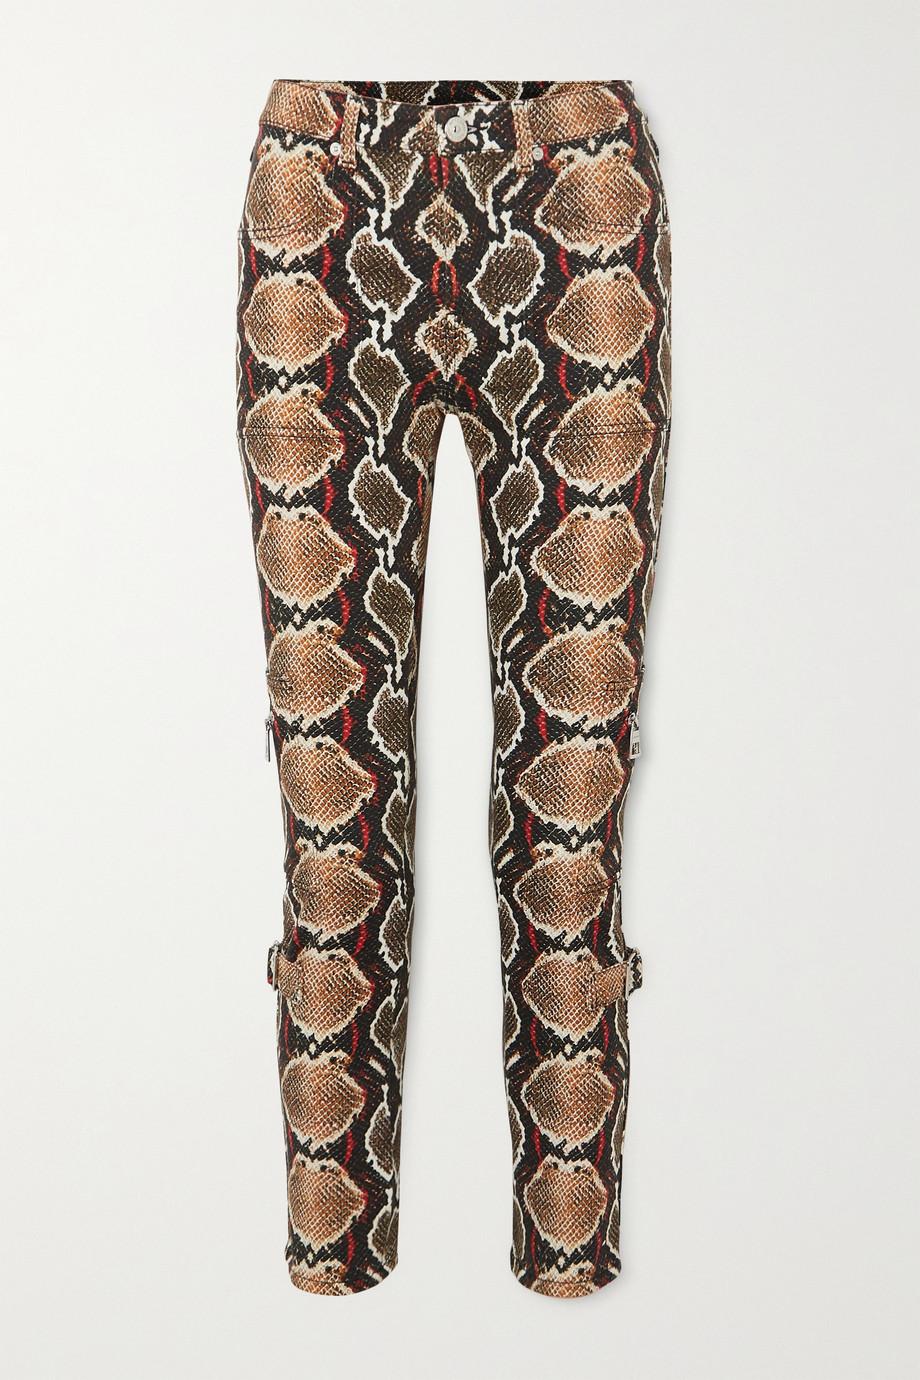 Burberry Hoch sitzende Jeans mit schmalem Bein und Schlangenprint